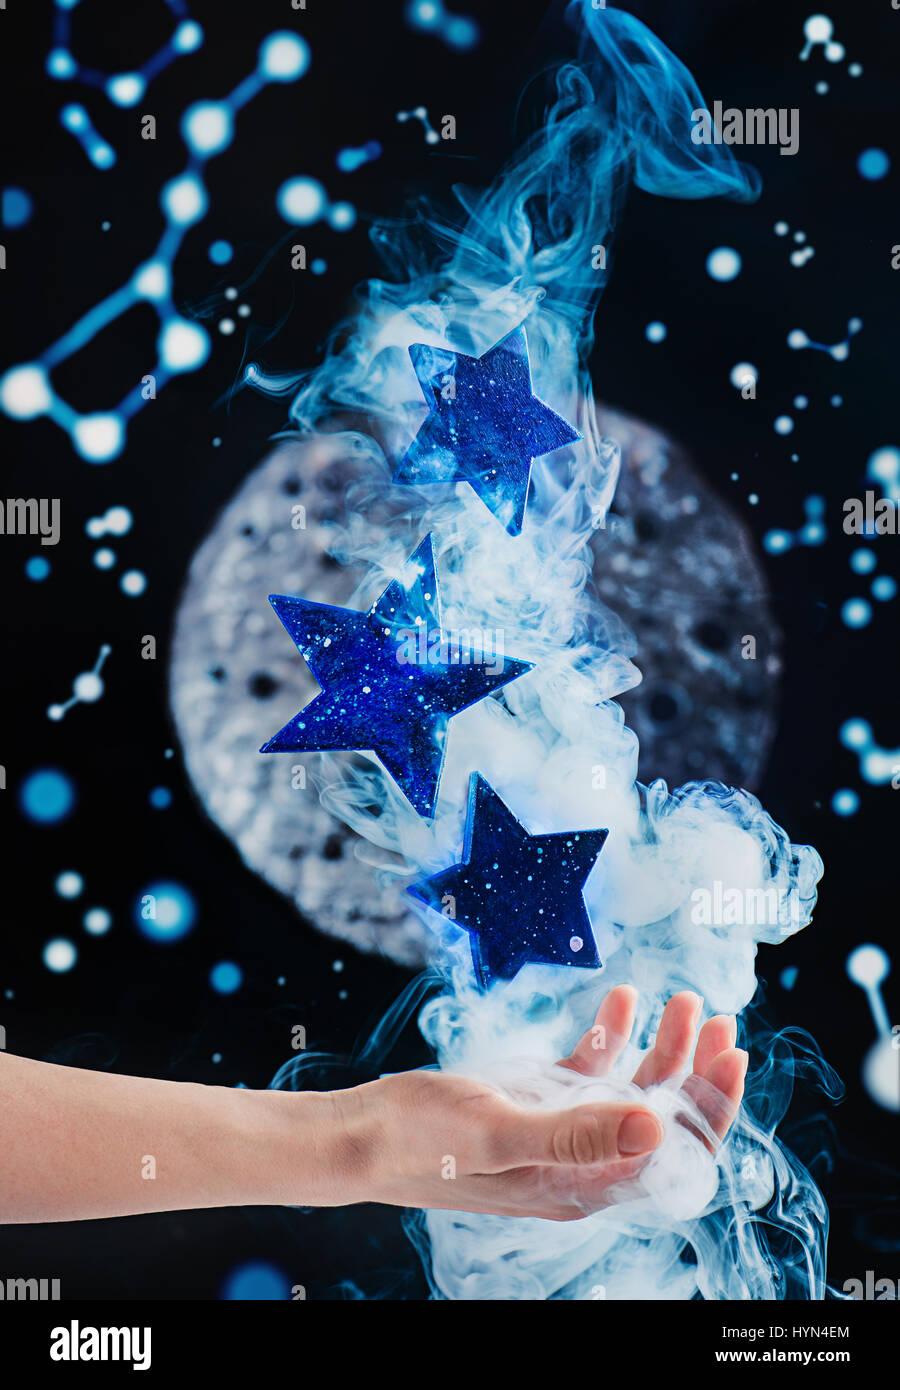 Pour atteindre stars: une main avec chute d'étoiles et de fumée Photo Stock